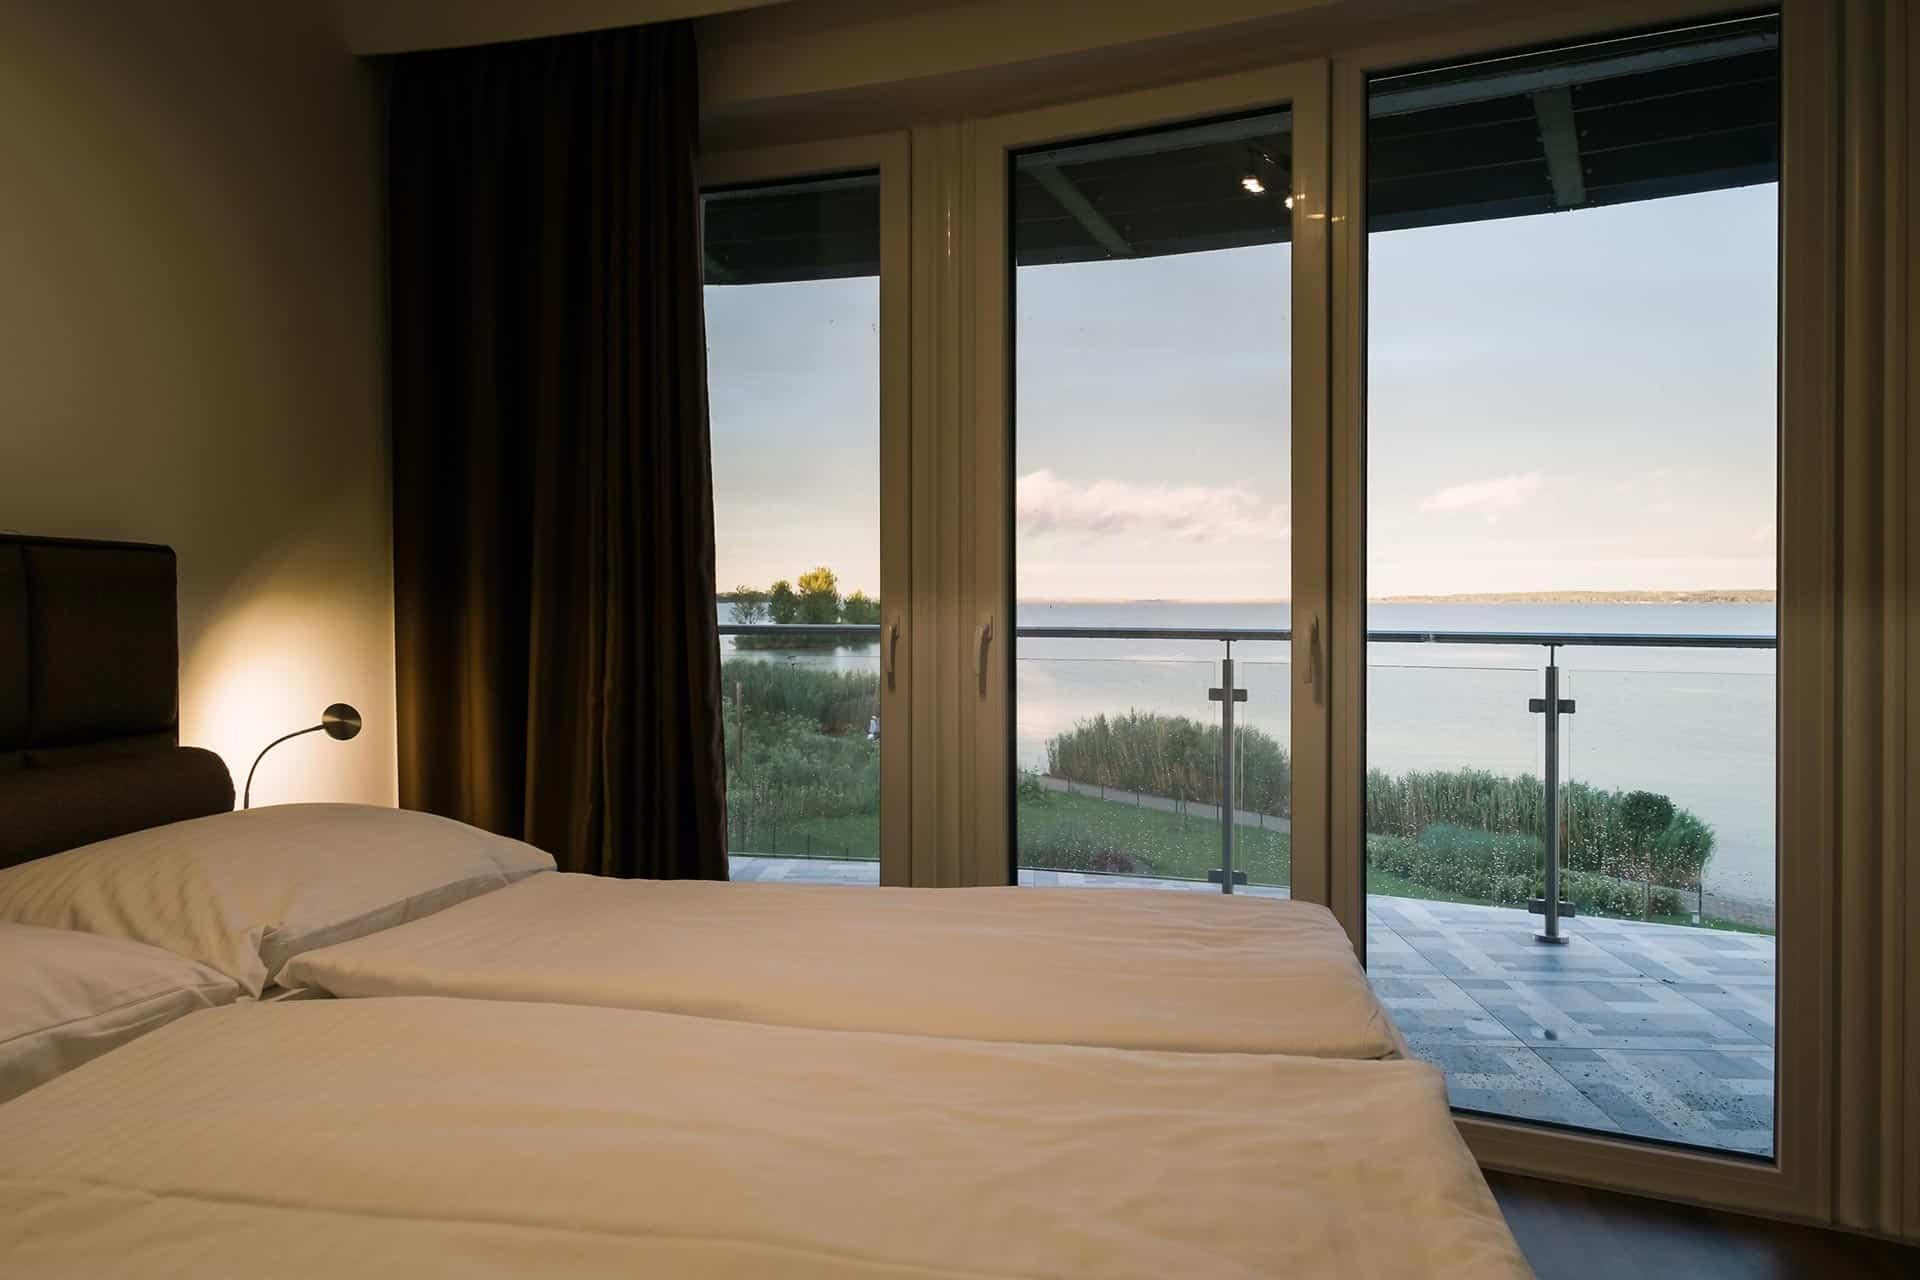 Vízparti Apartmanok Keszthely - balatoni panoráma a hálószobából.